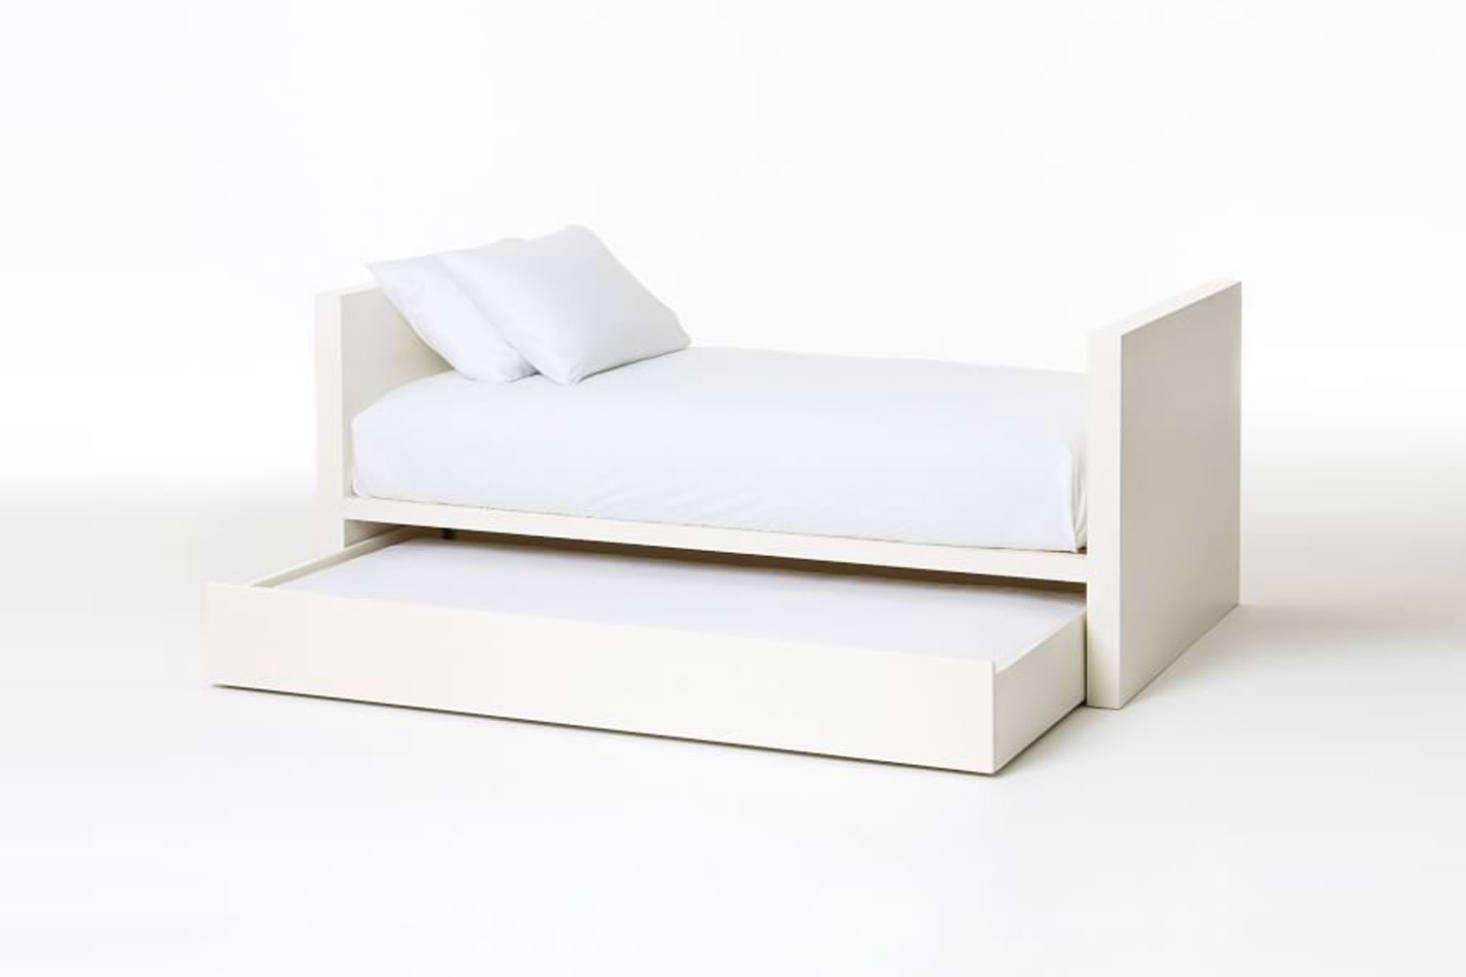 West Elm Urban Bed Frame